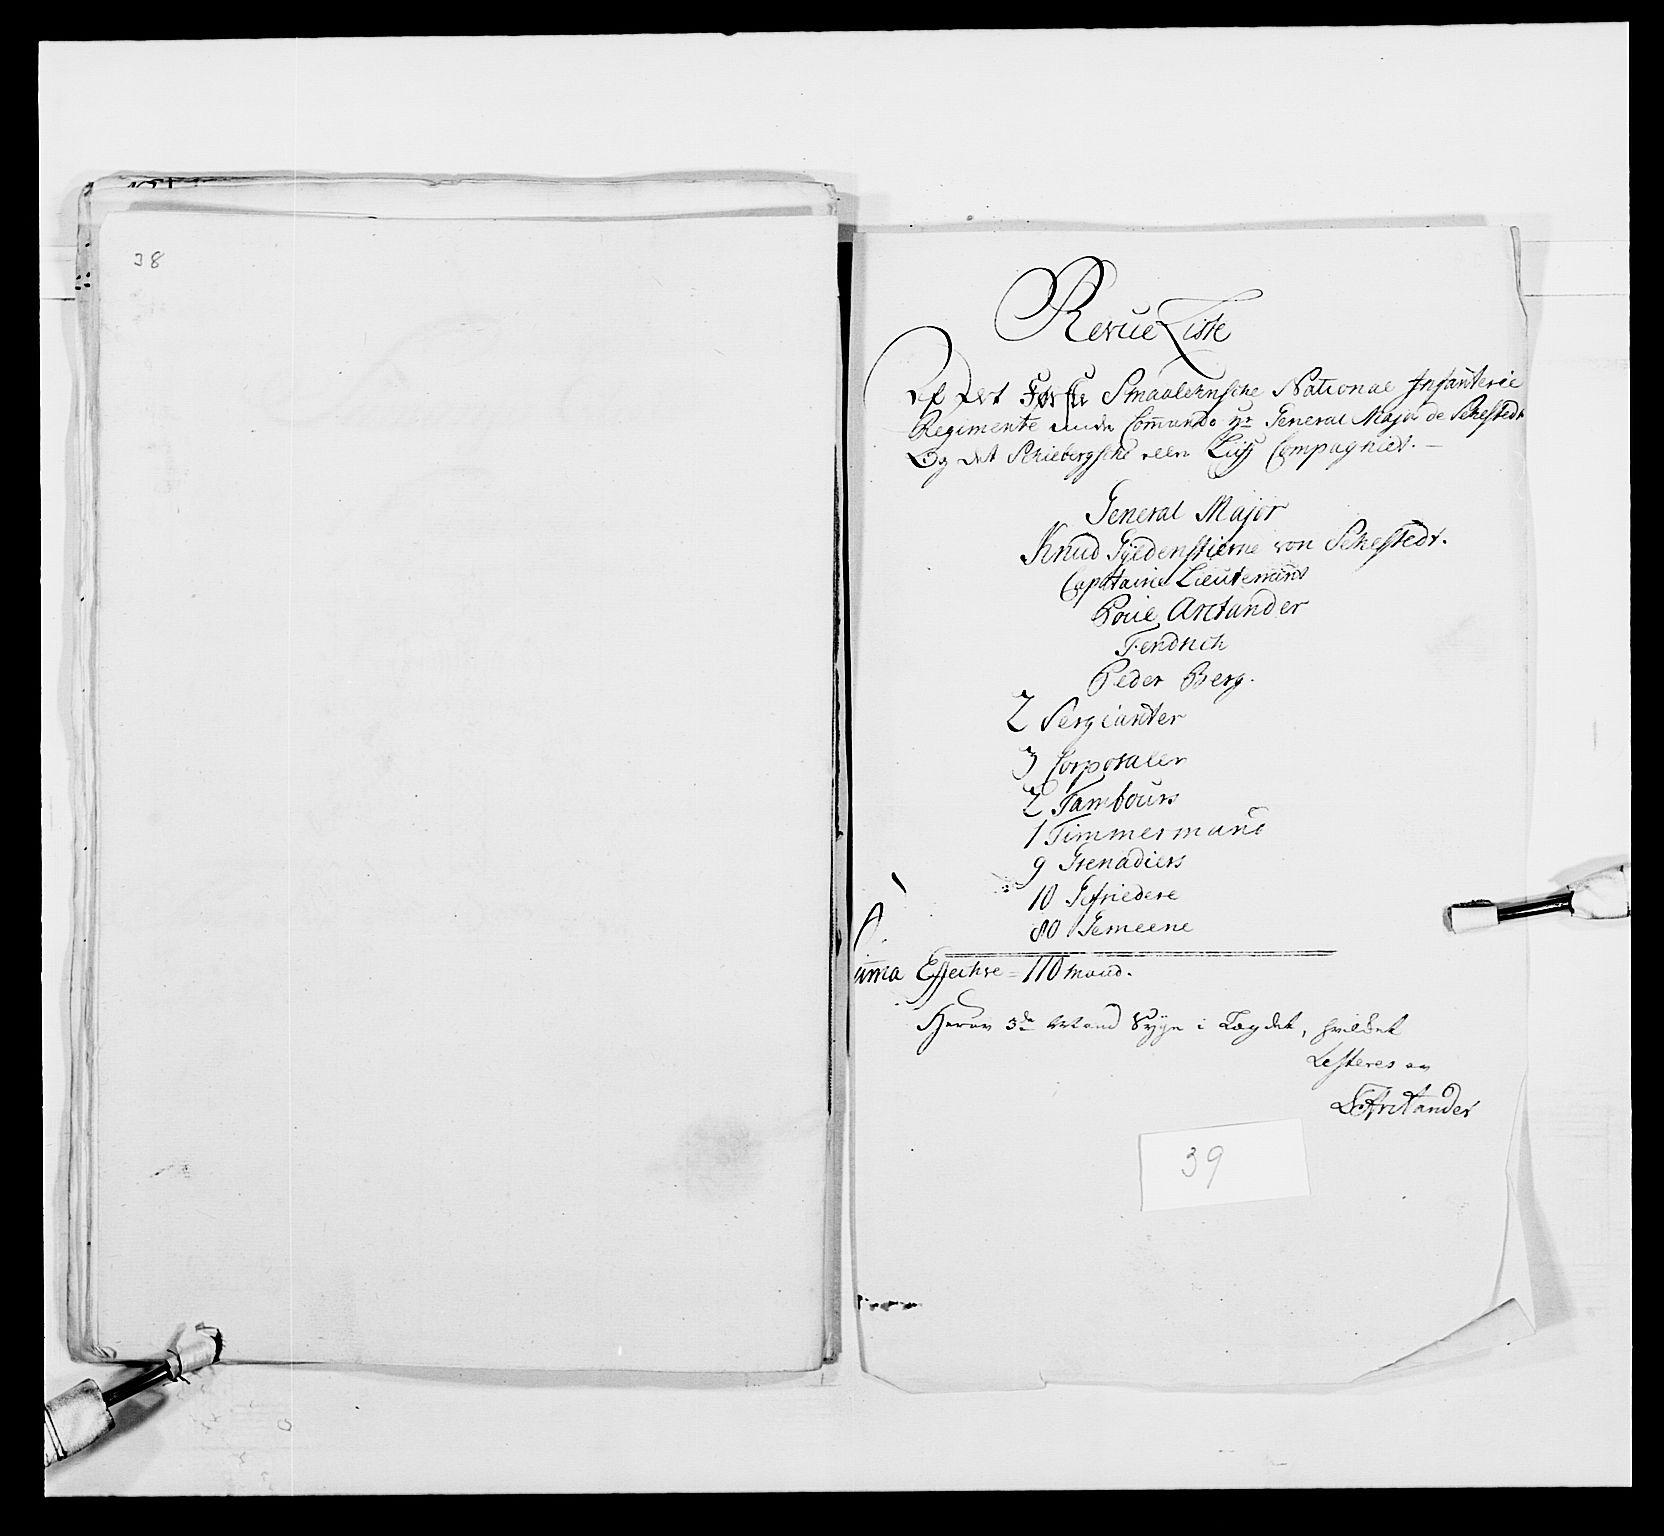 RA, Kommanderende general (KG I) med Det norske krigsdirektorium, E/Ea/L0495: 1. Smålenske regiment, 1732-1763, s. 539